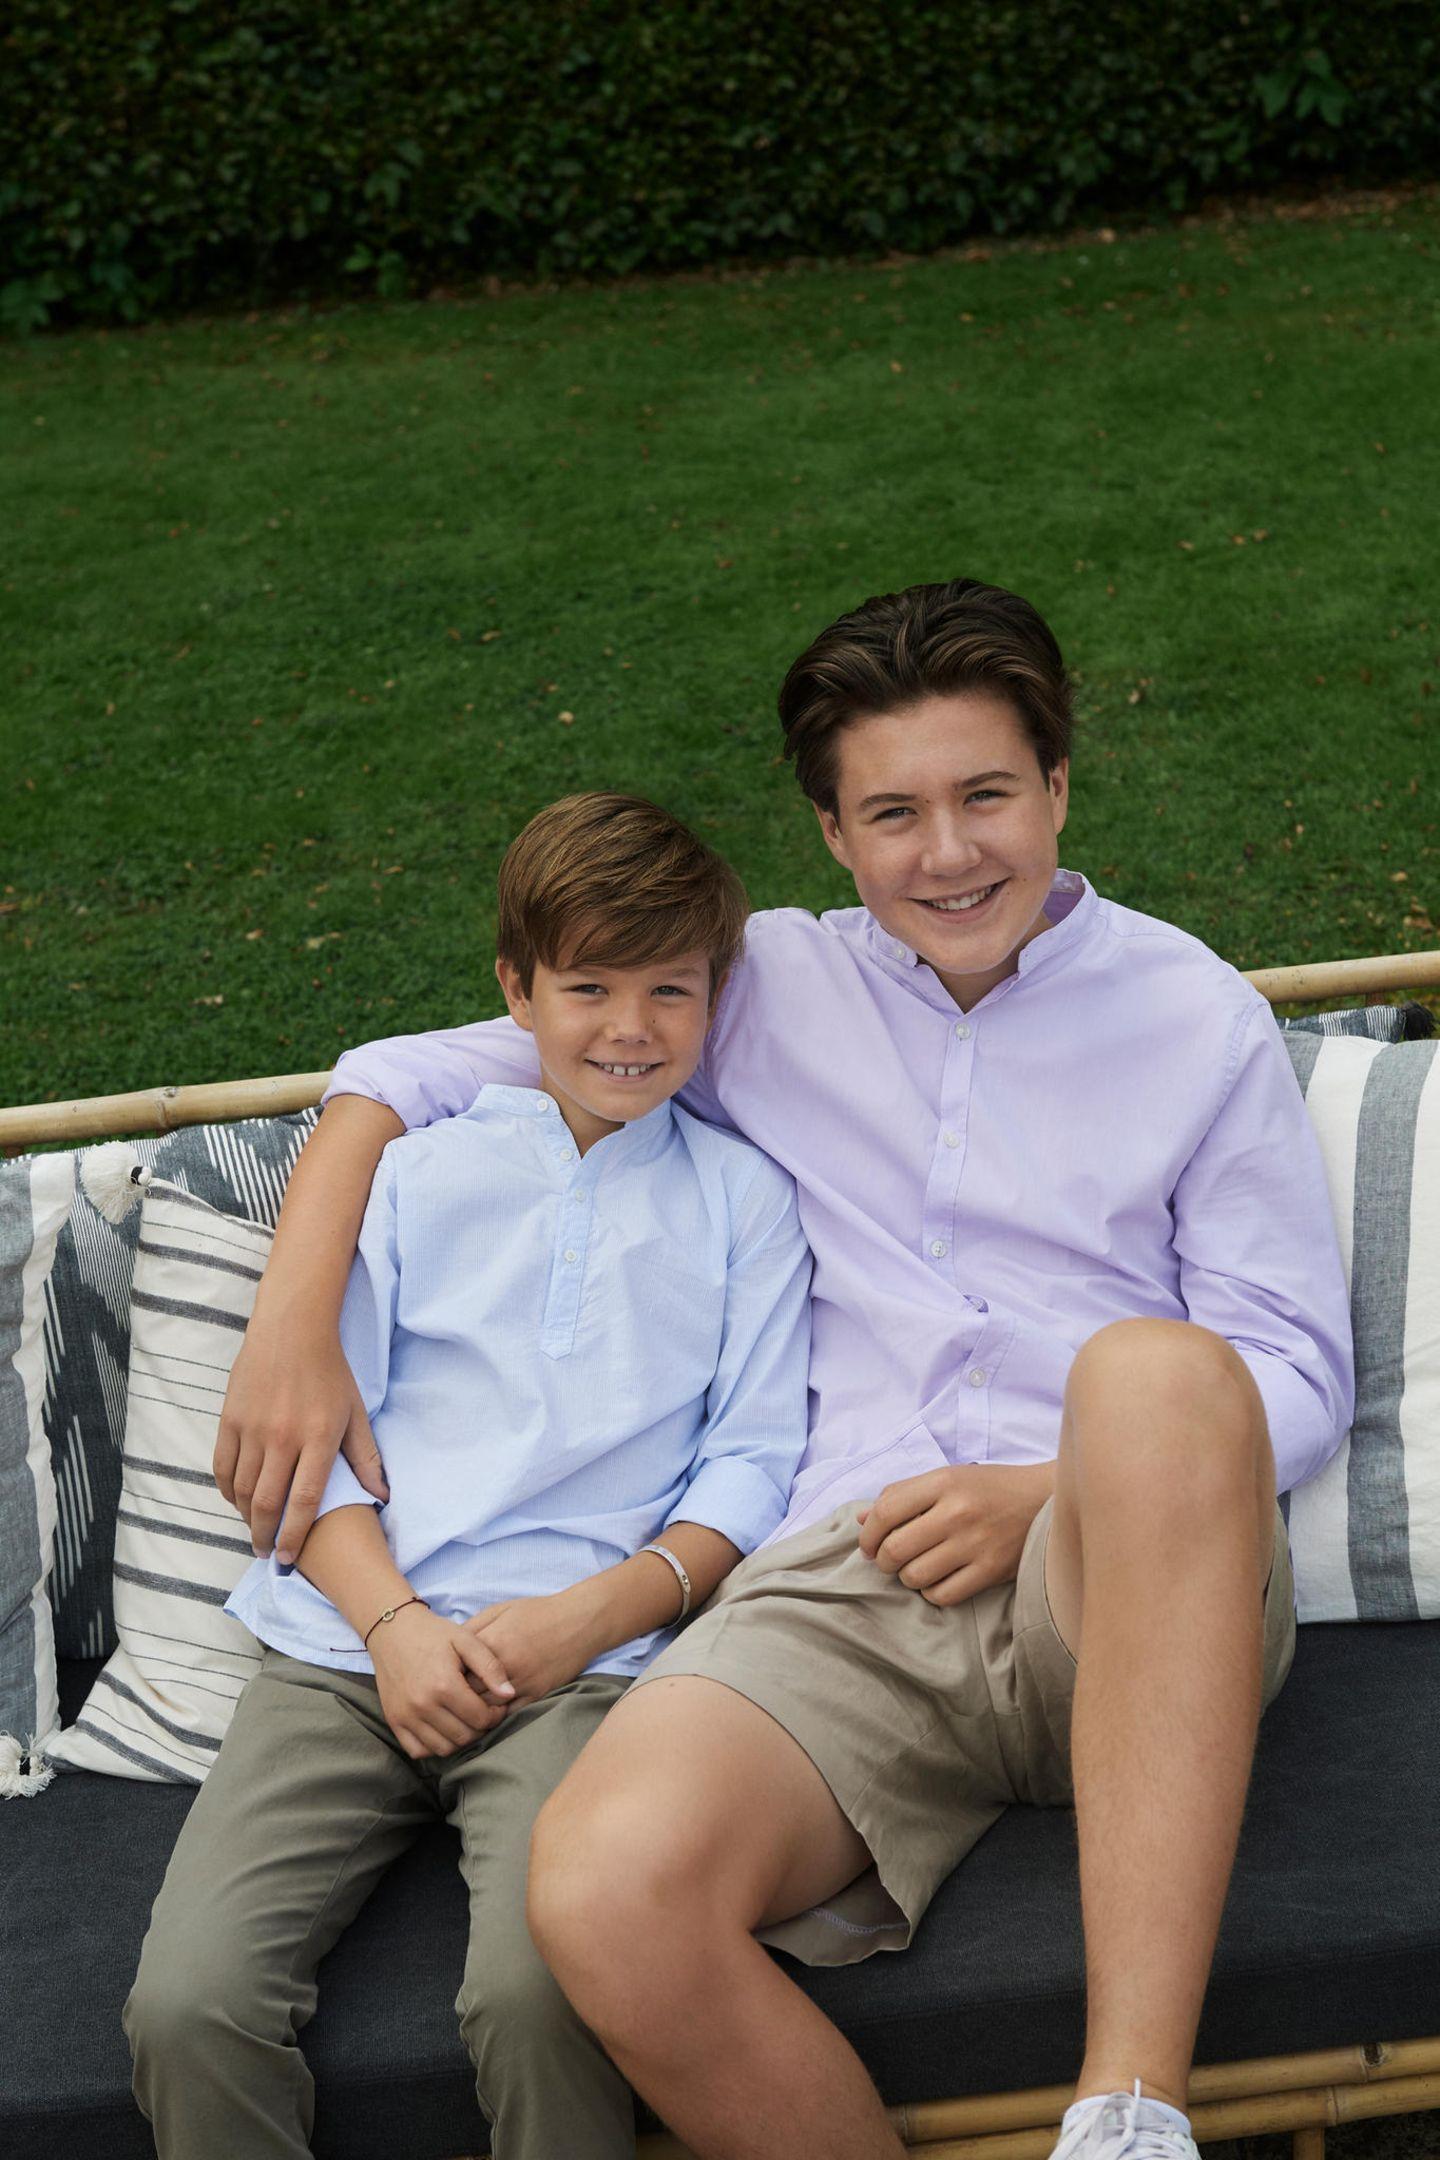 Prinz Vincent (l.) und Prinz Christian (r.), der eines Tages seinem Vater als König folgen wird, lachen entspannt in die Kamera.